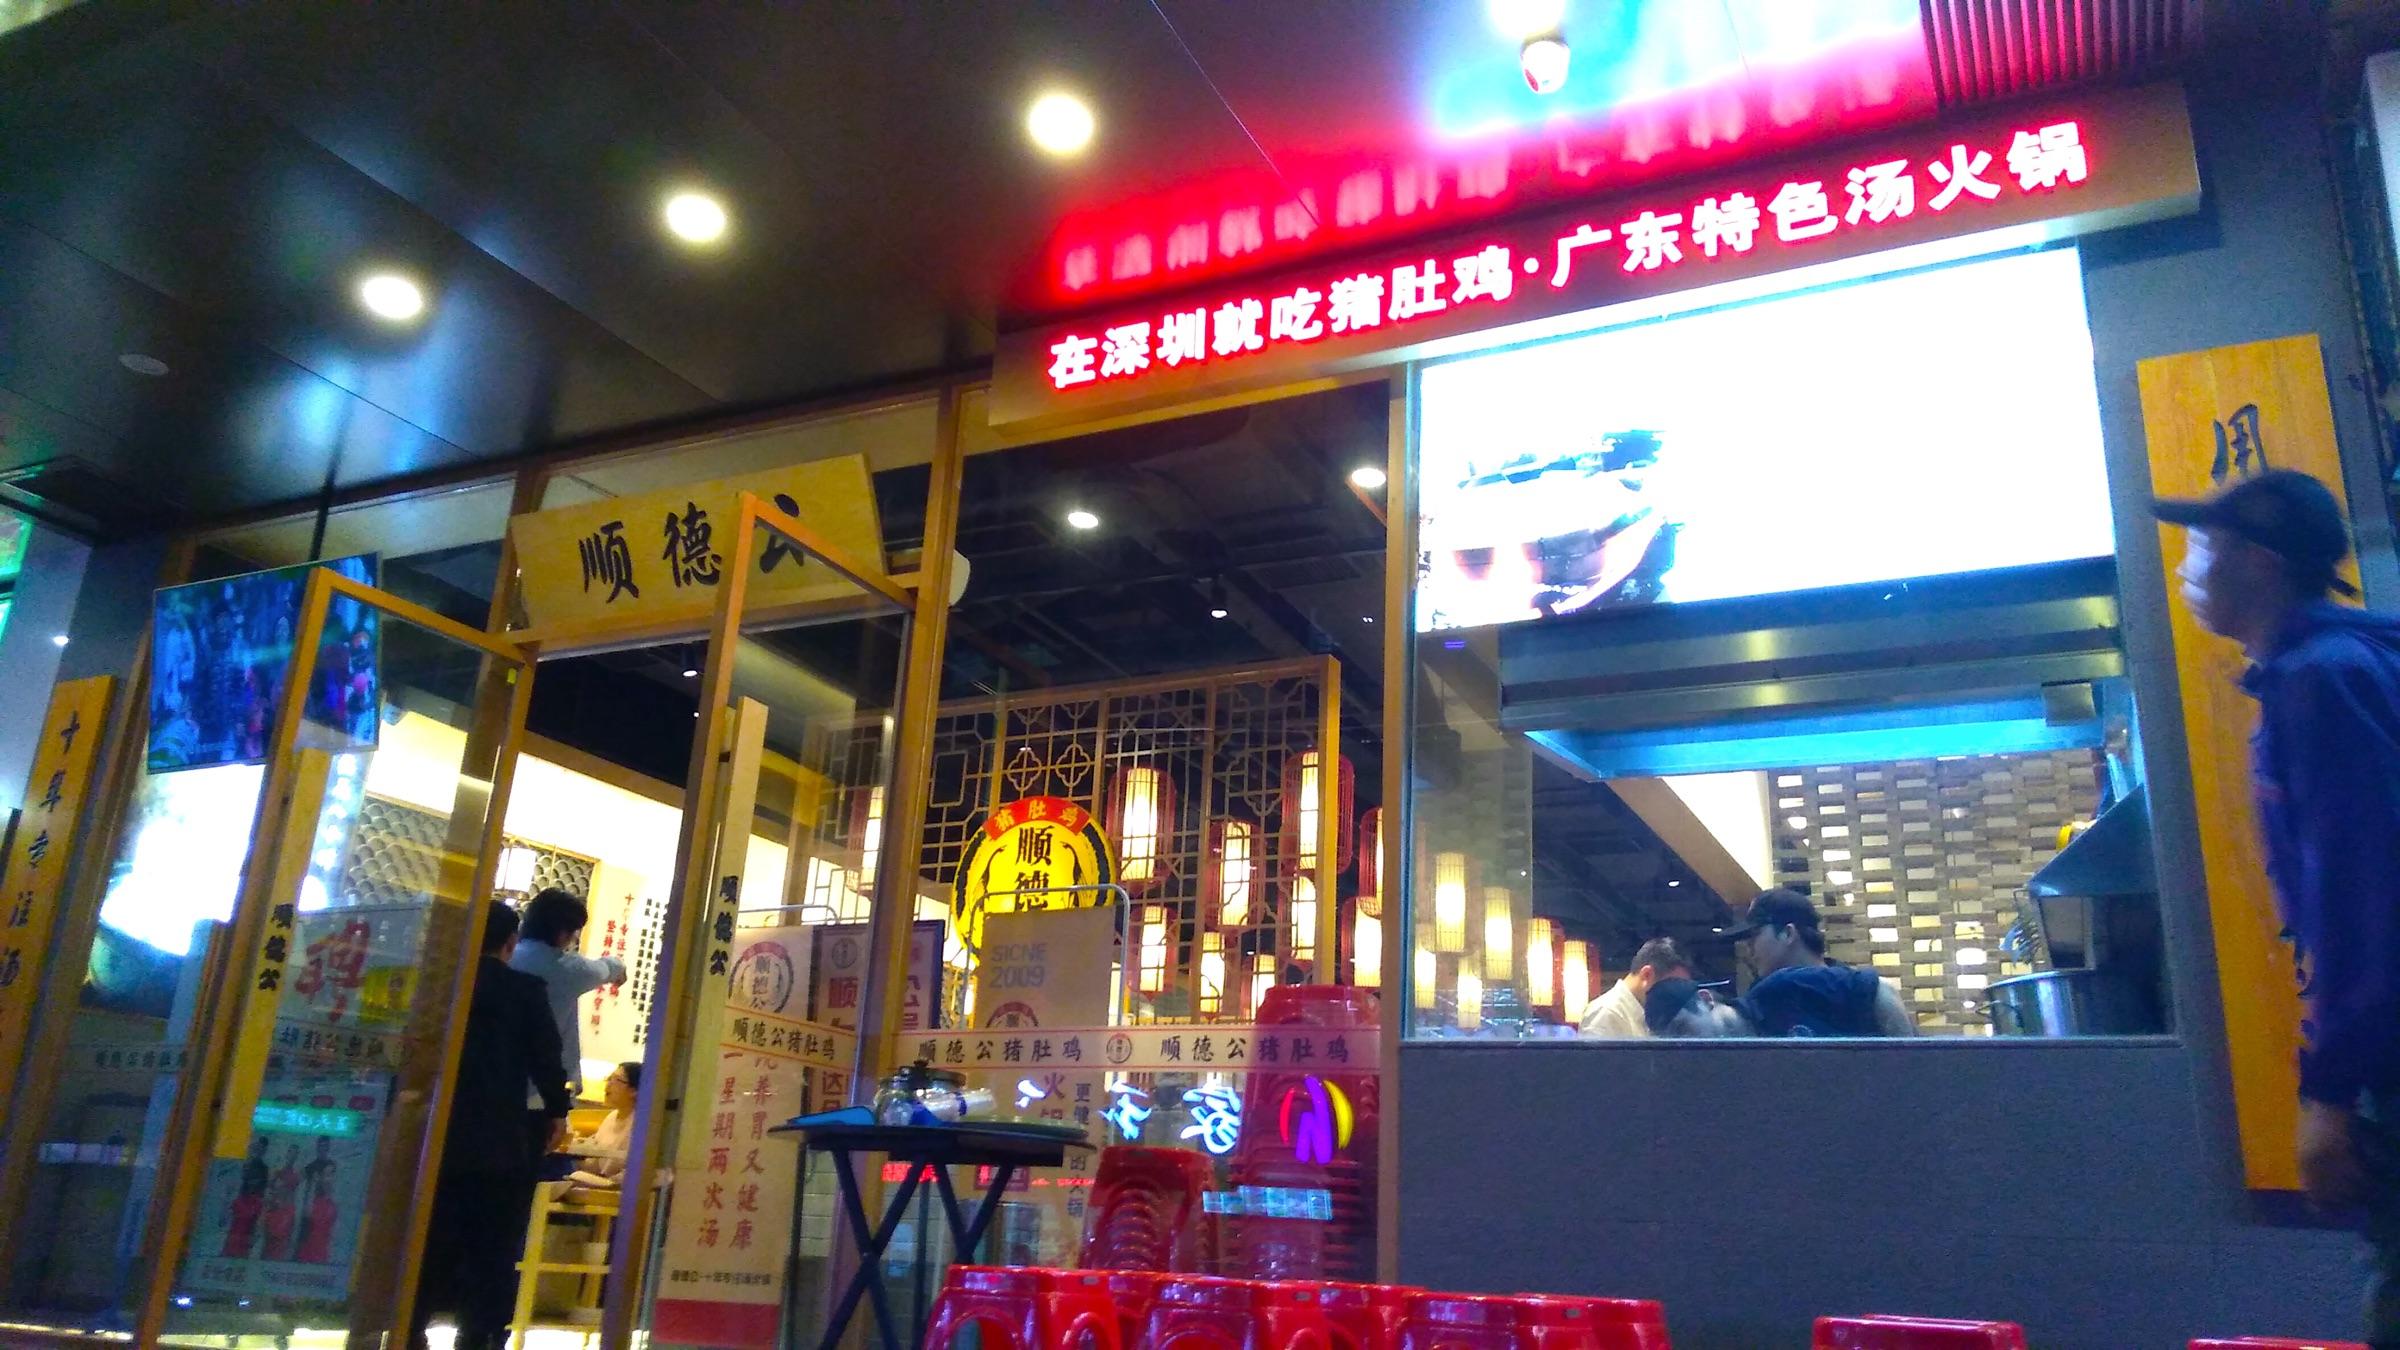 中国 深セン 福田の裏通りの飲食店2 Shenzhen Futian DOWN TOWN_[0]